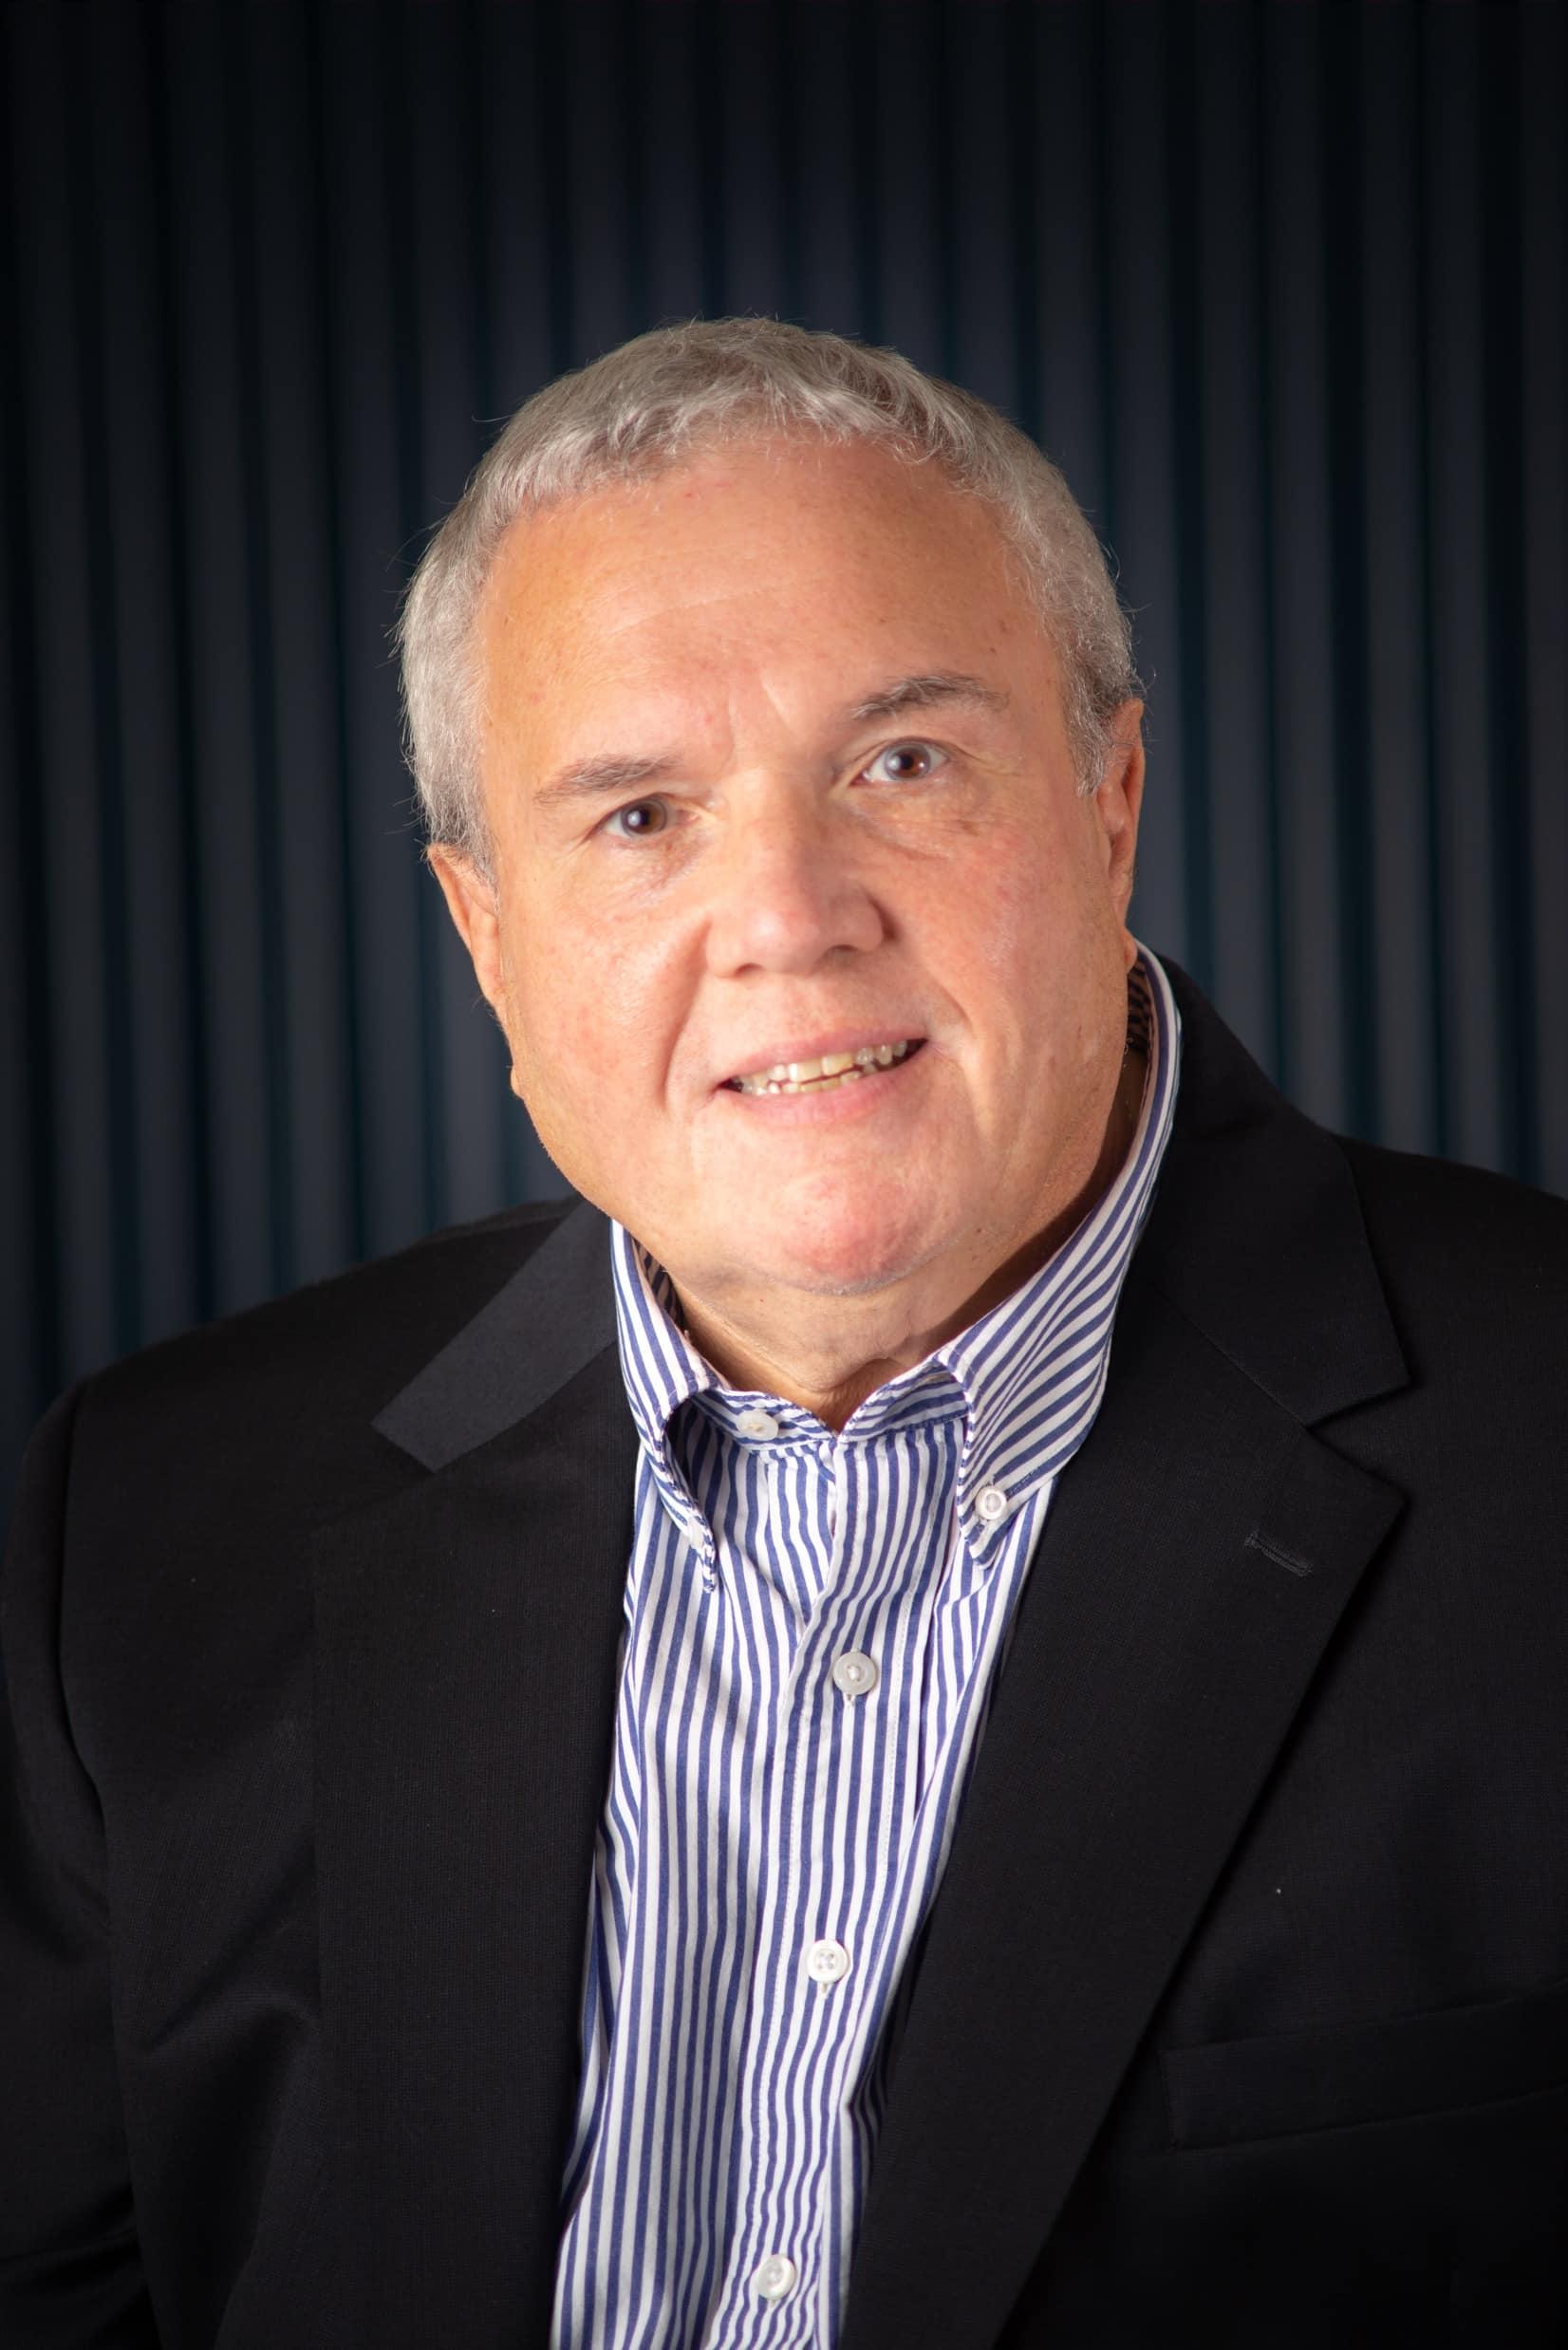 Jim Bendell